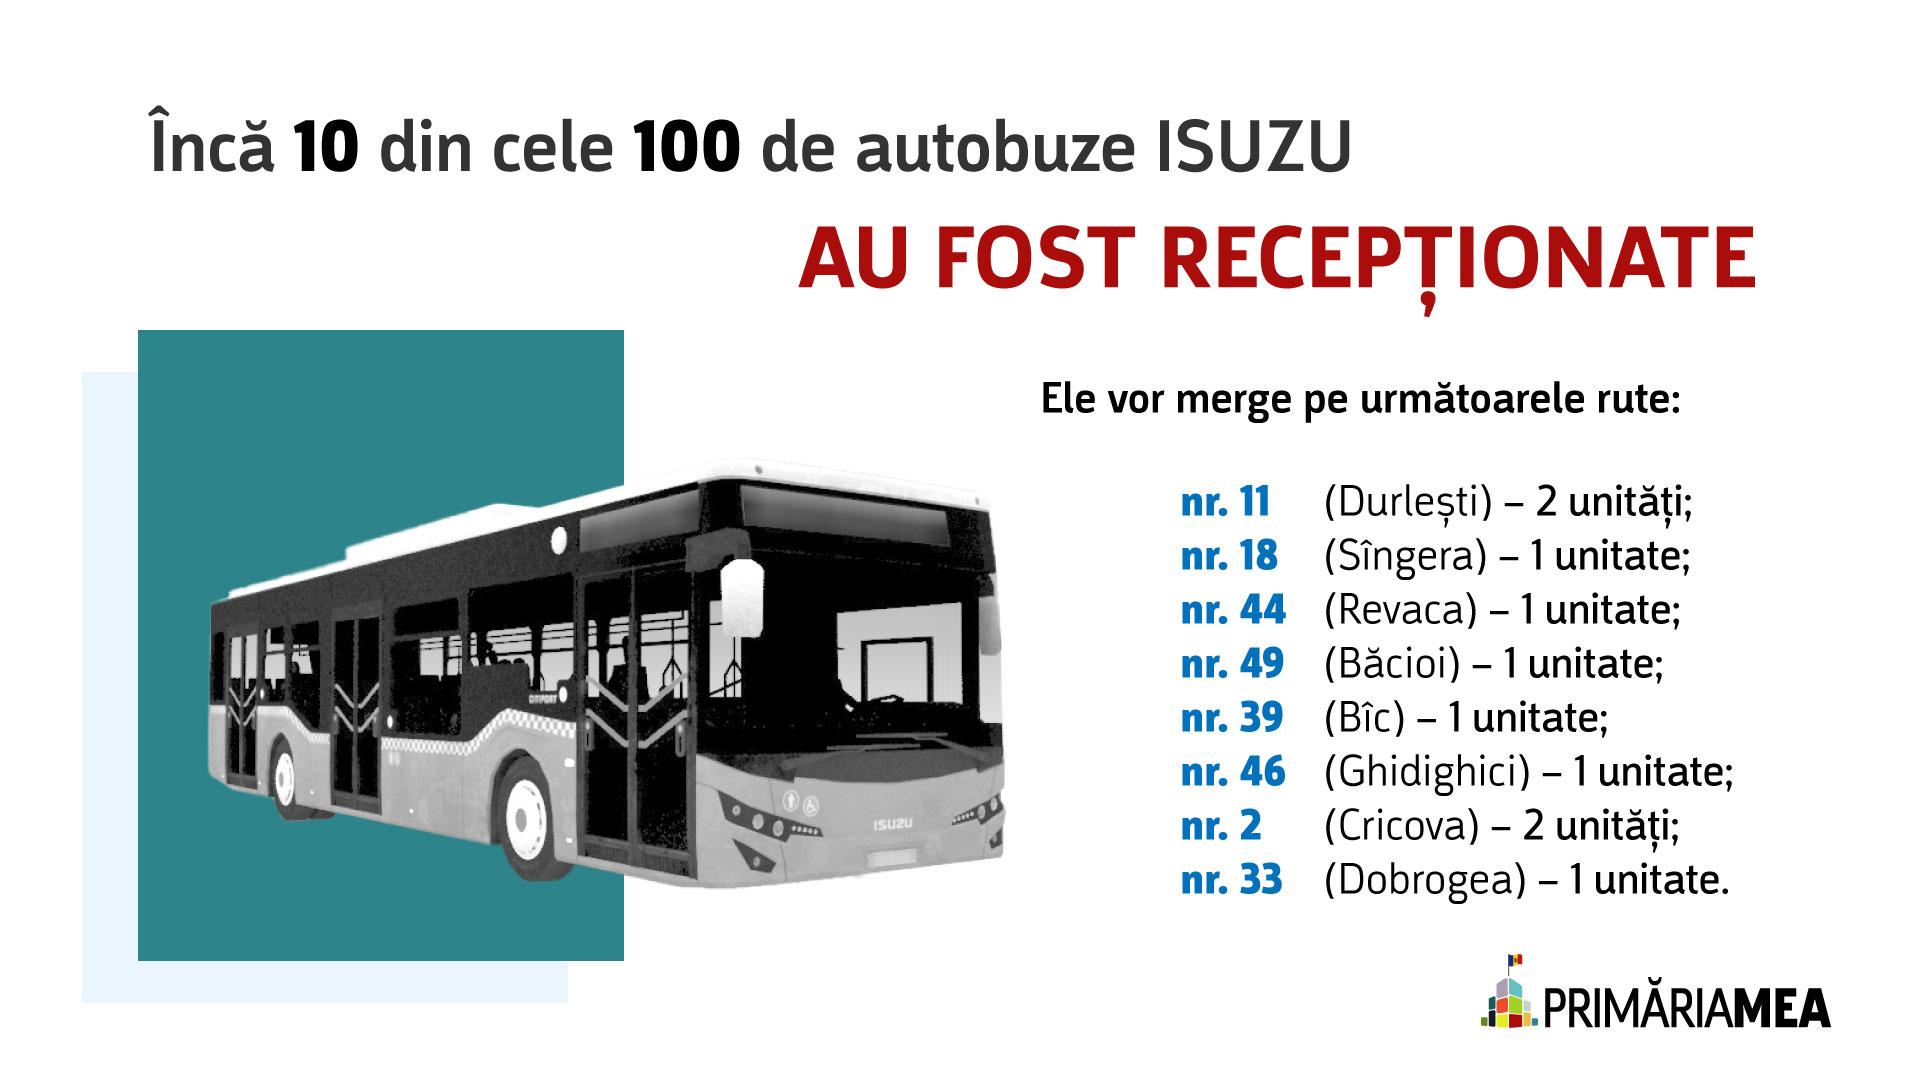 Infografic: Repartizarea pe rute a noilor autobuze ISUZU. Sursă: Primăria Mea